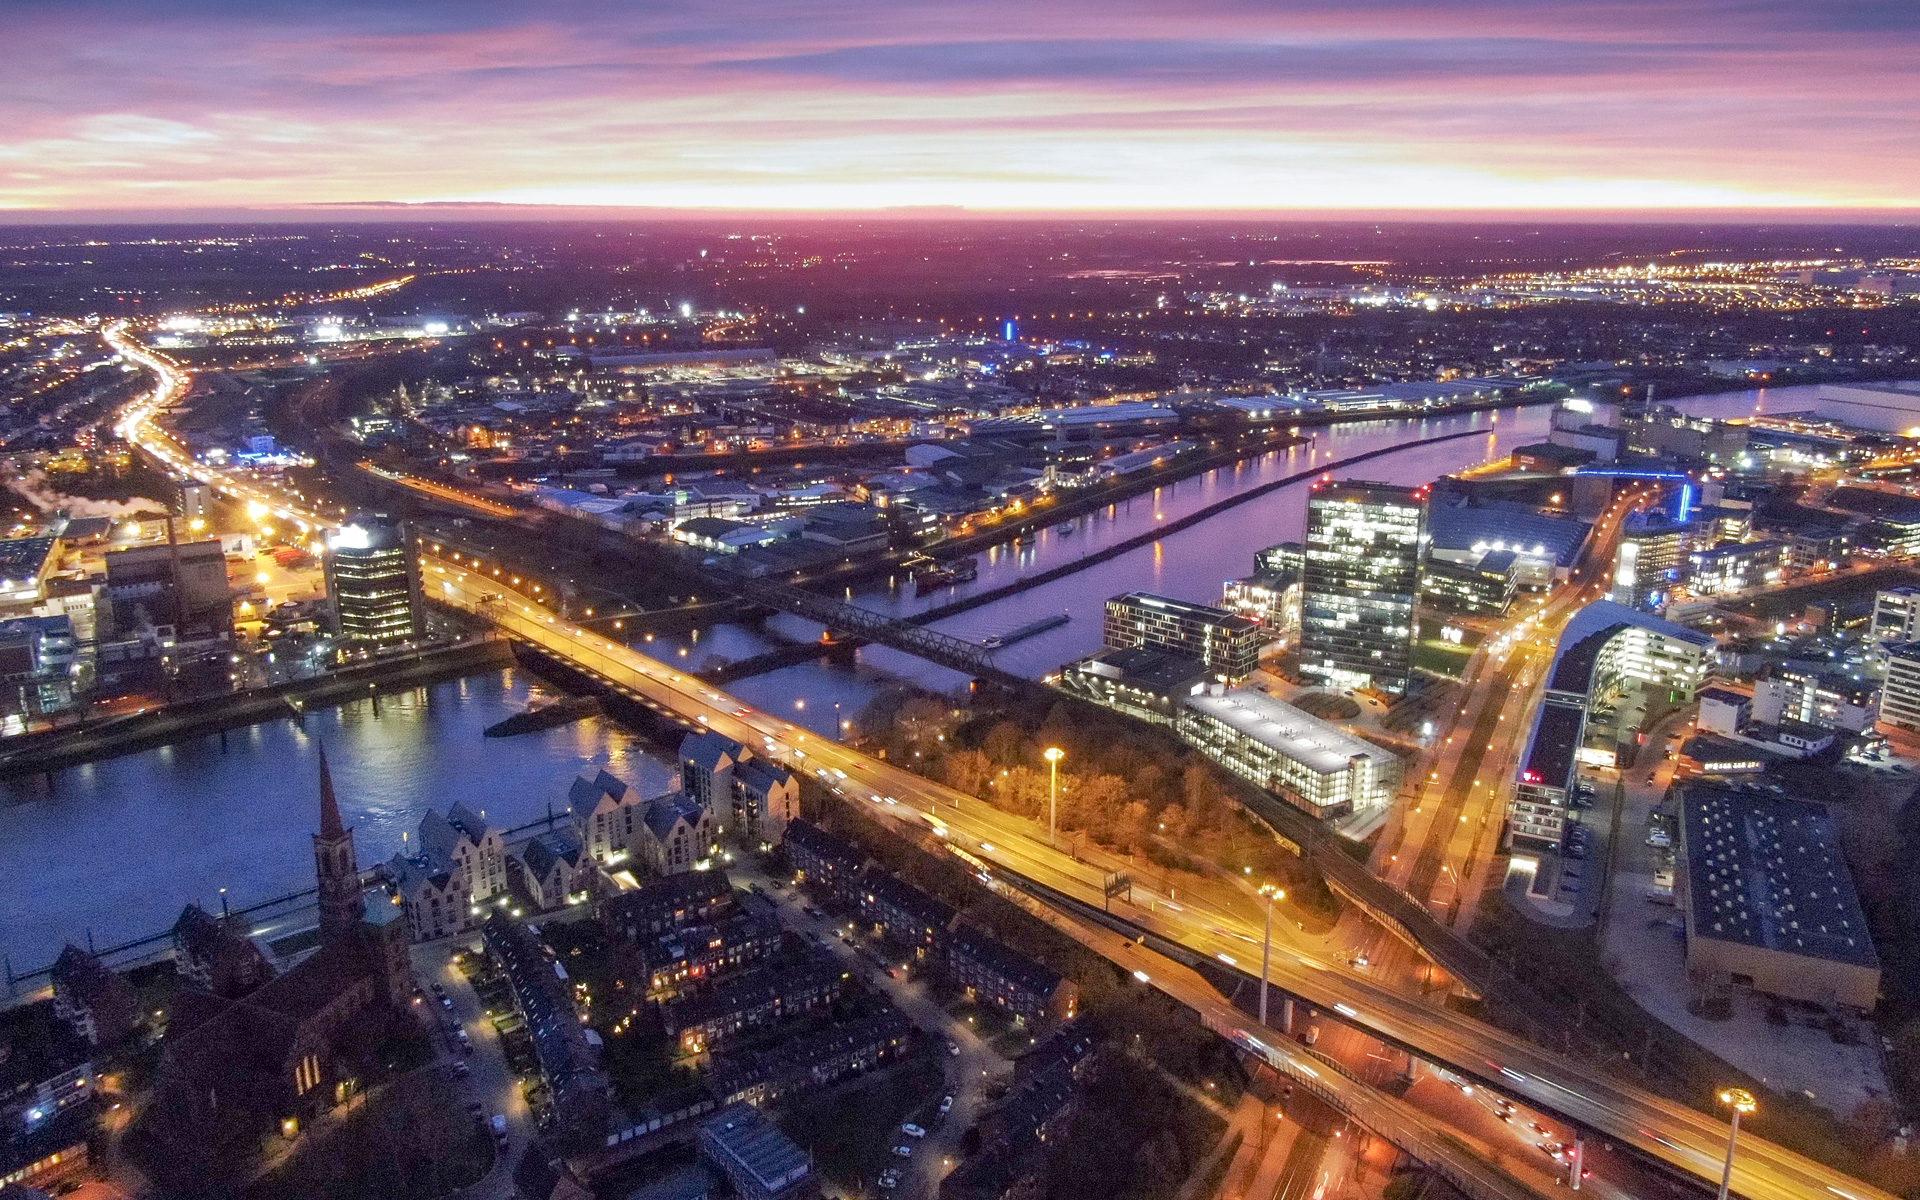 Luftaufnahme aus der Bremer Übereestadt bei Nacht